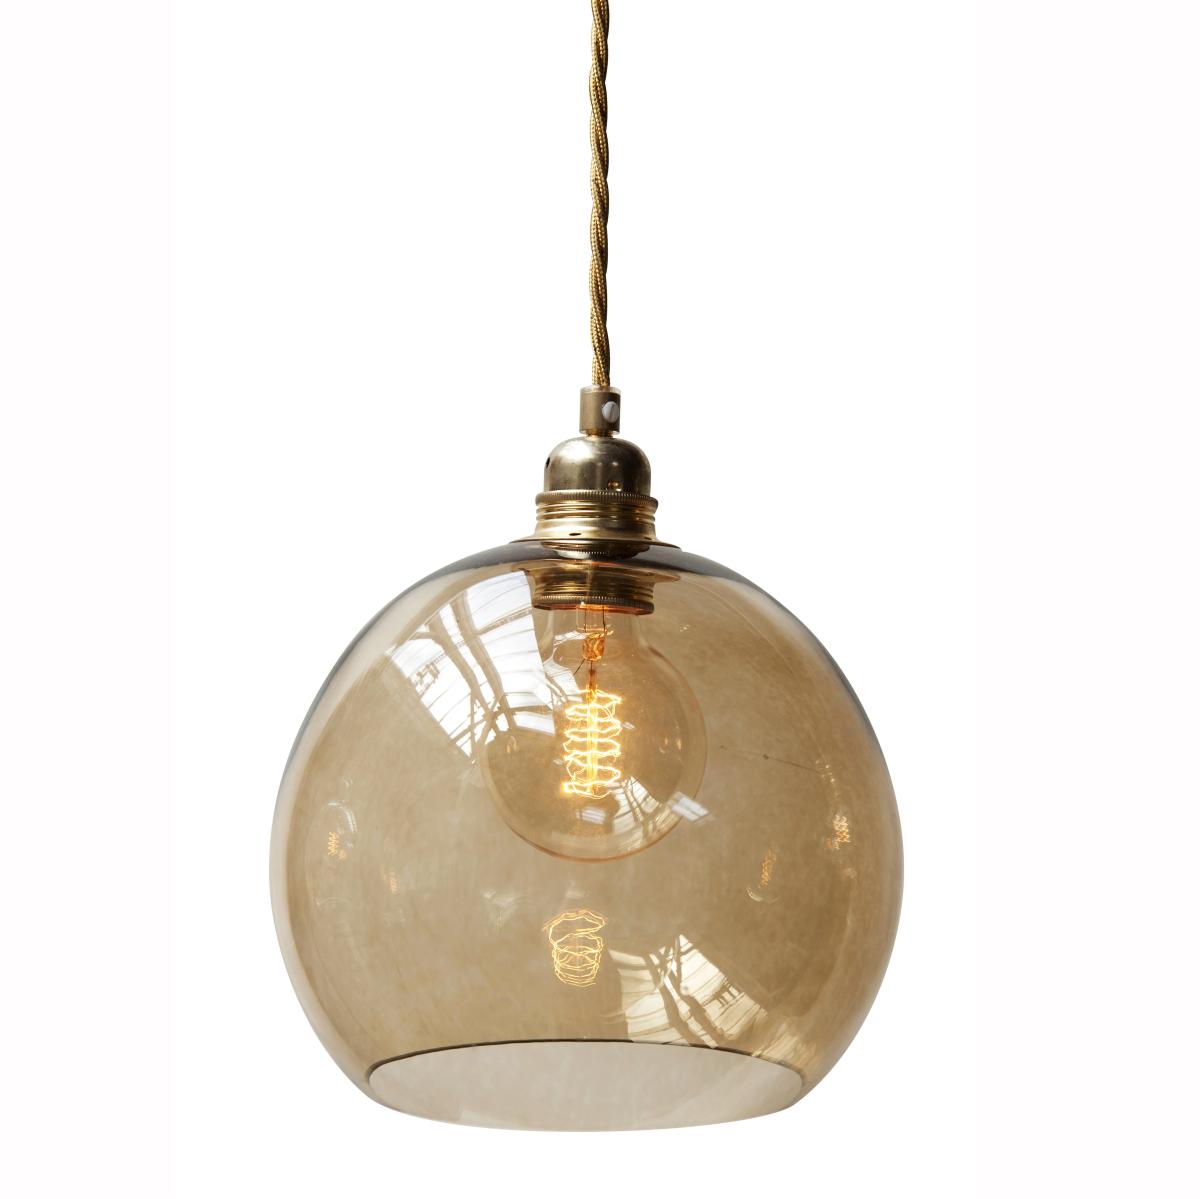 Hangeleuchte Esstisch Vintage Ersatzglas Glasschirm Pendellampe Ersatz Lampenschirm Led Hangeleuchte Hange Pendelleuchte Anhanger Lampen Led Hangeleuchte